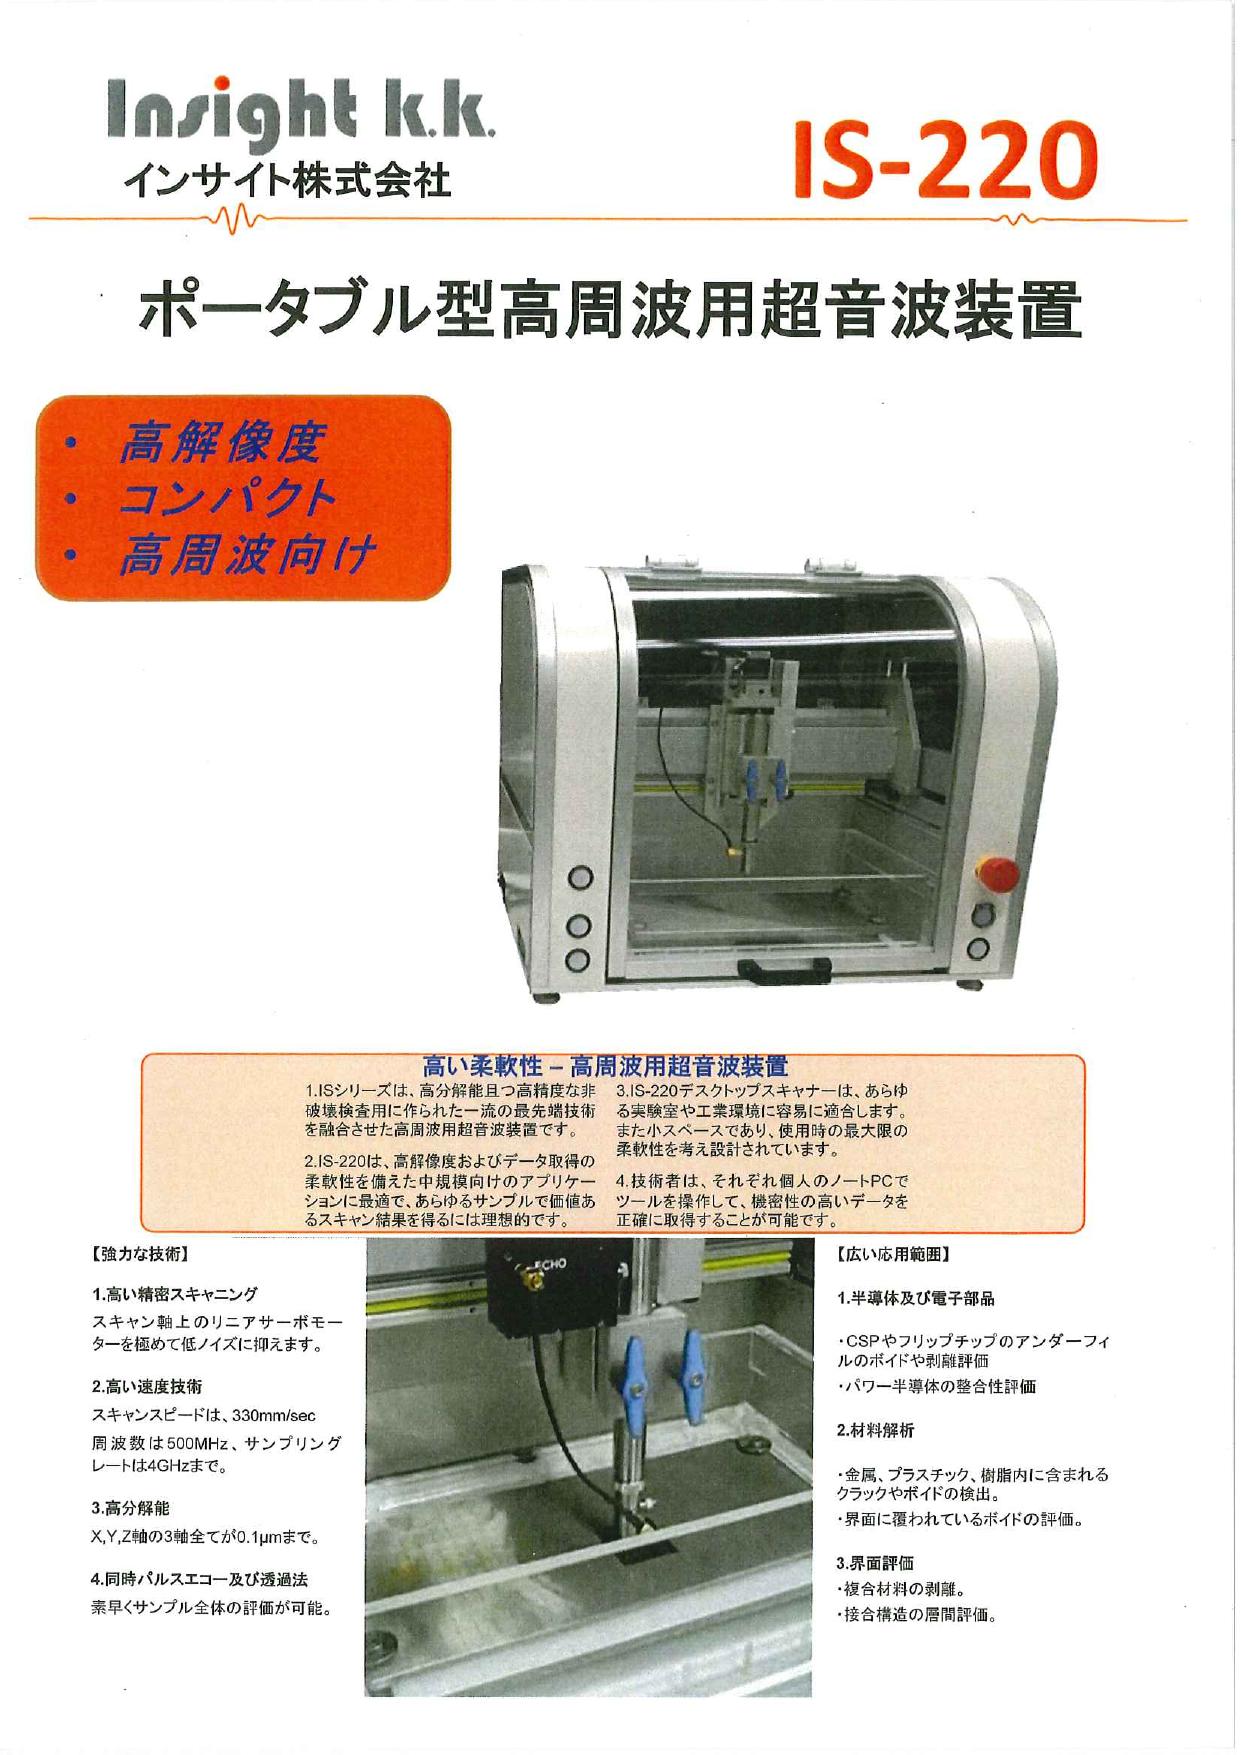 ポータブル型高周波用超音波装置